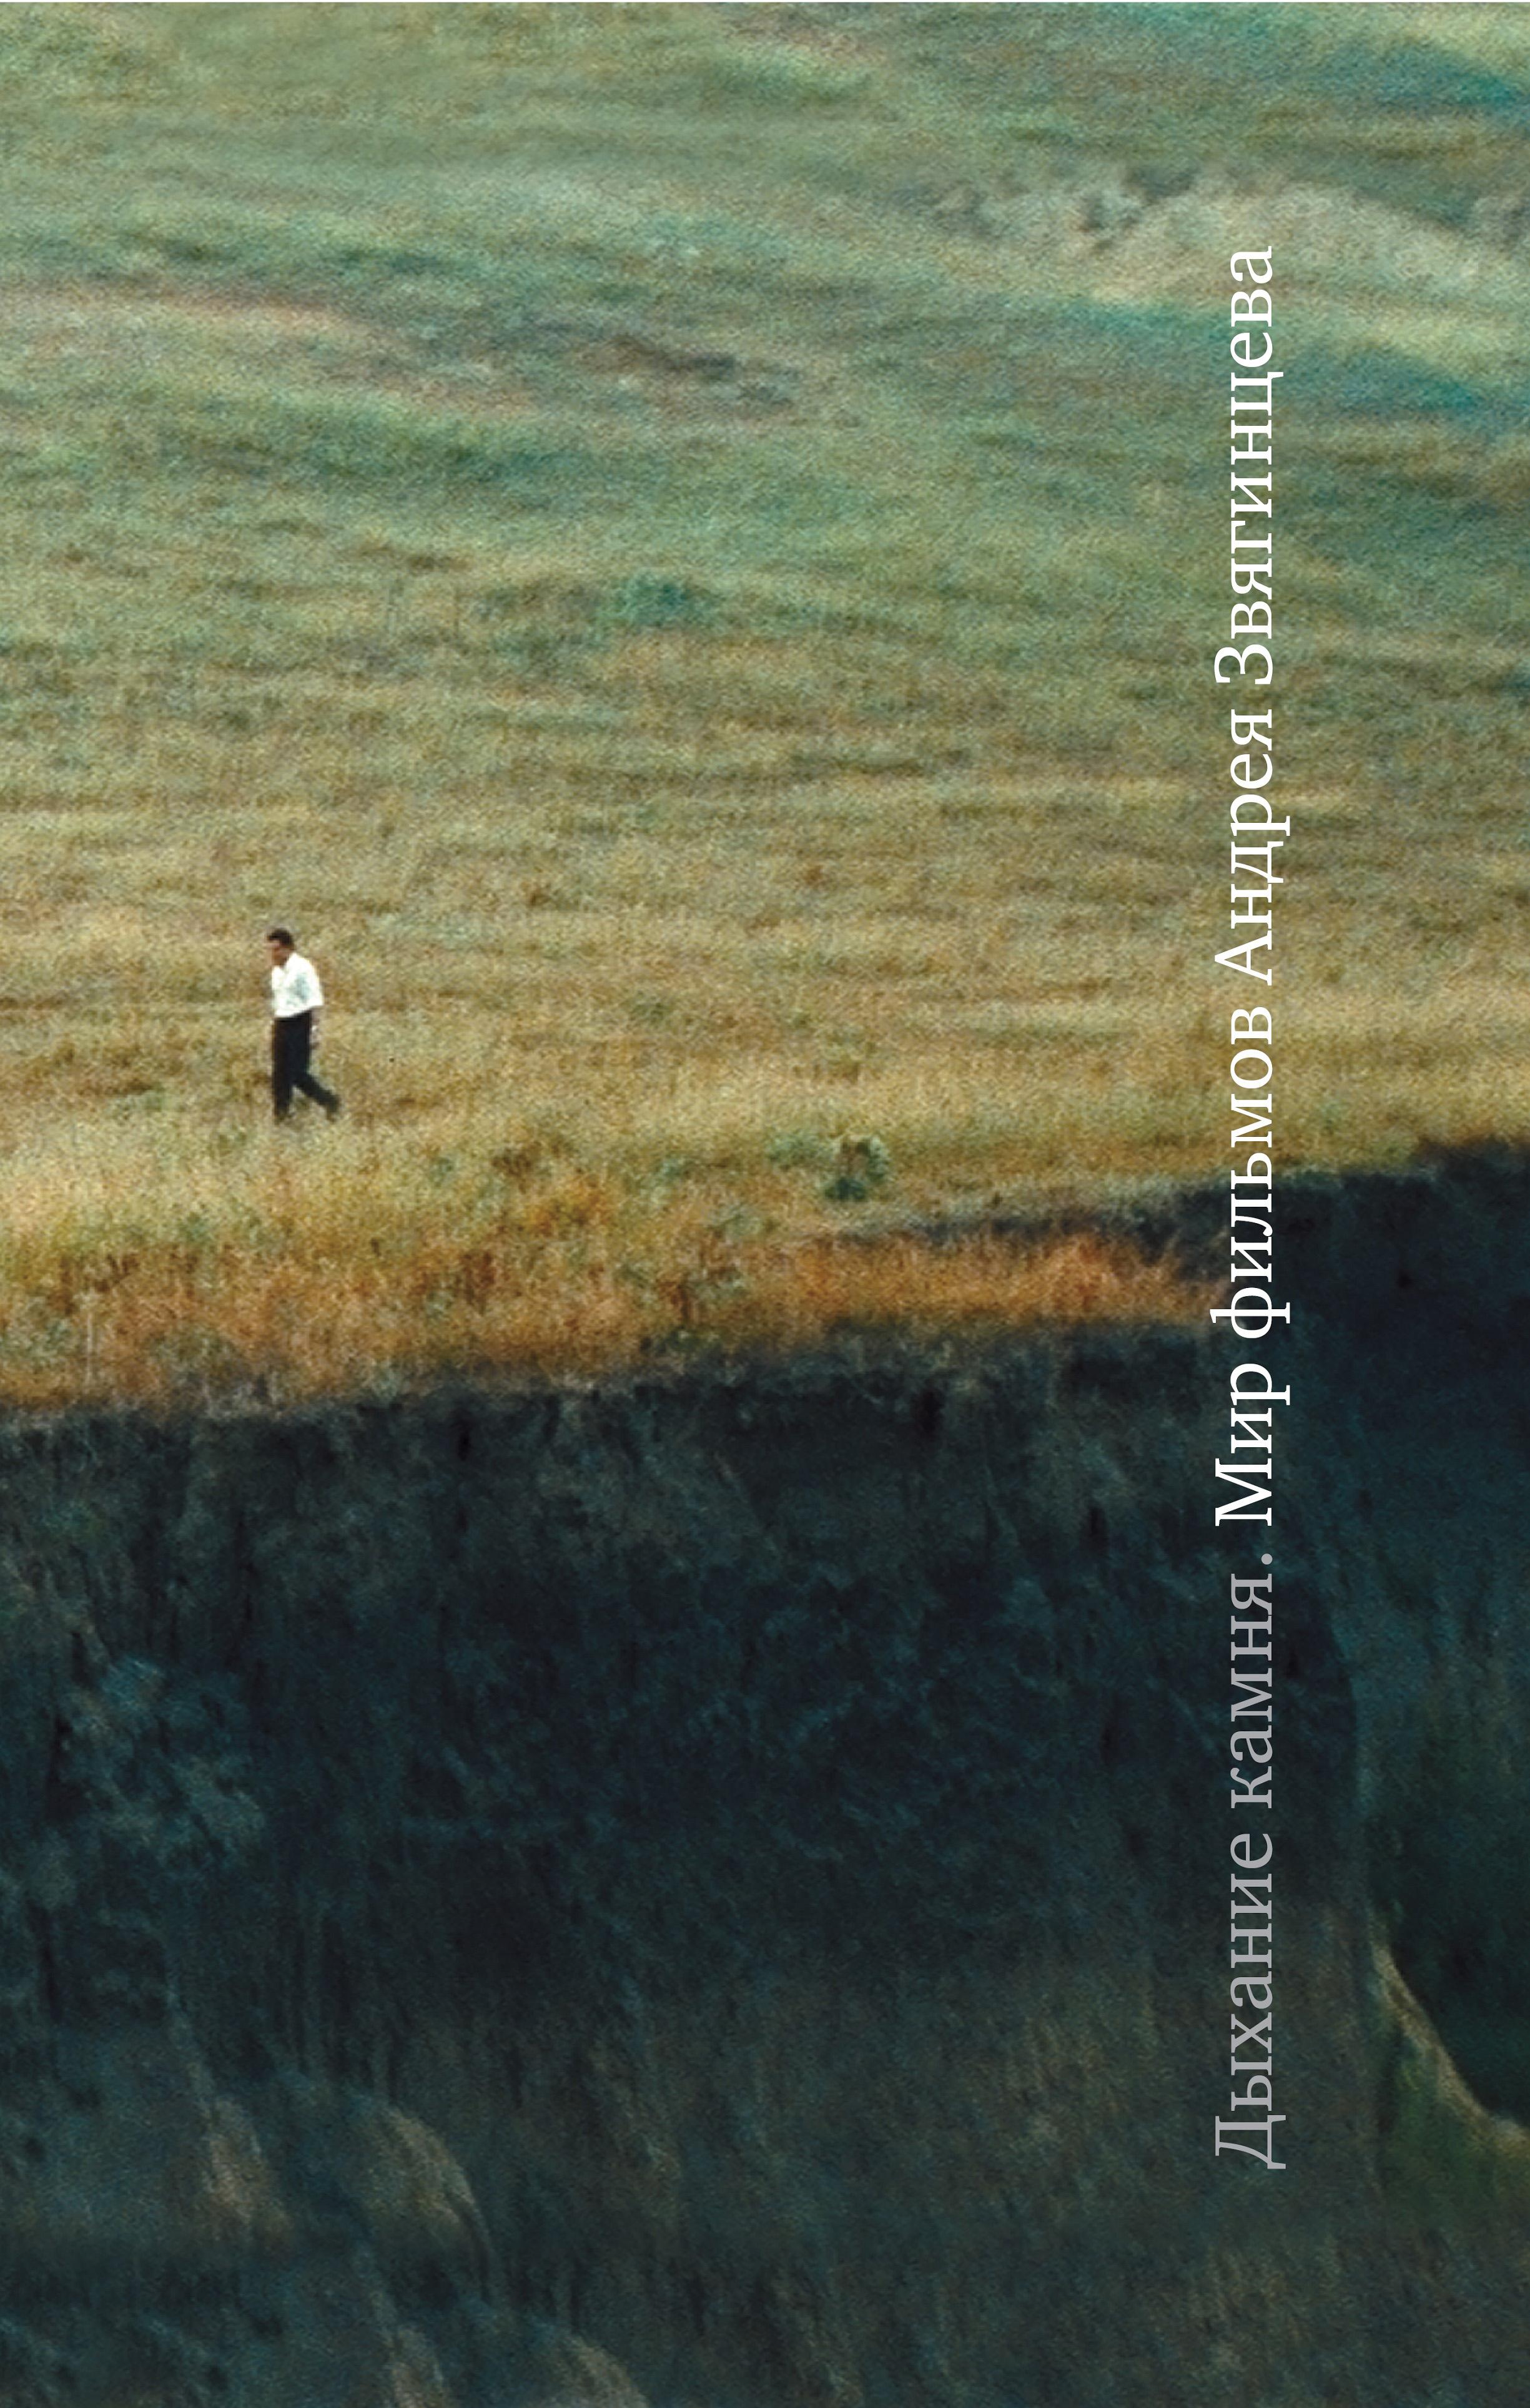 Дыхание камня: Мир фильмов Андрея Звягинцева